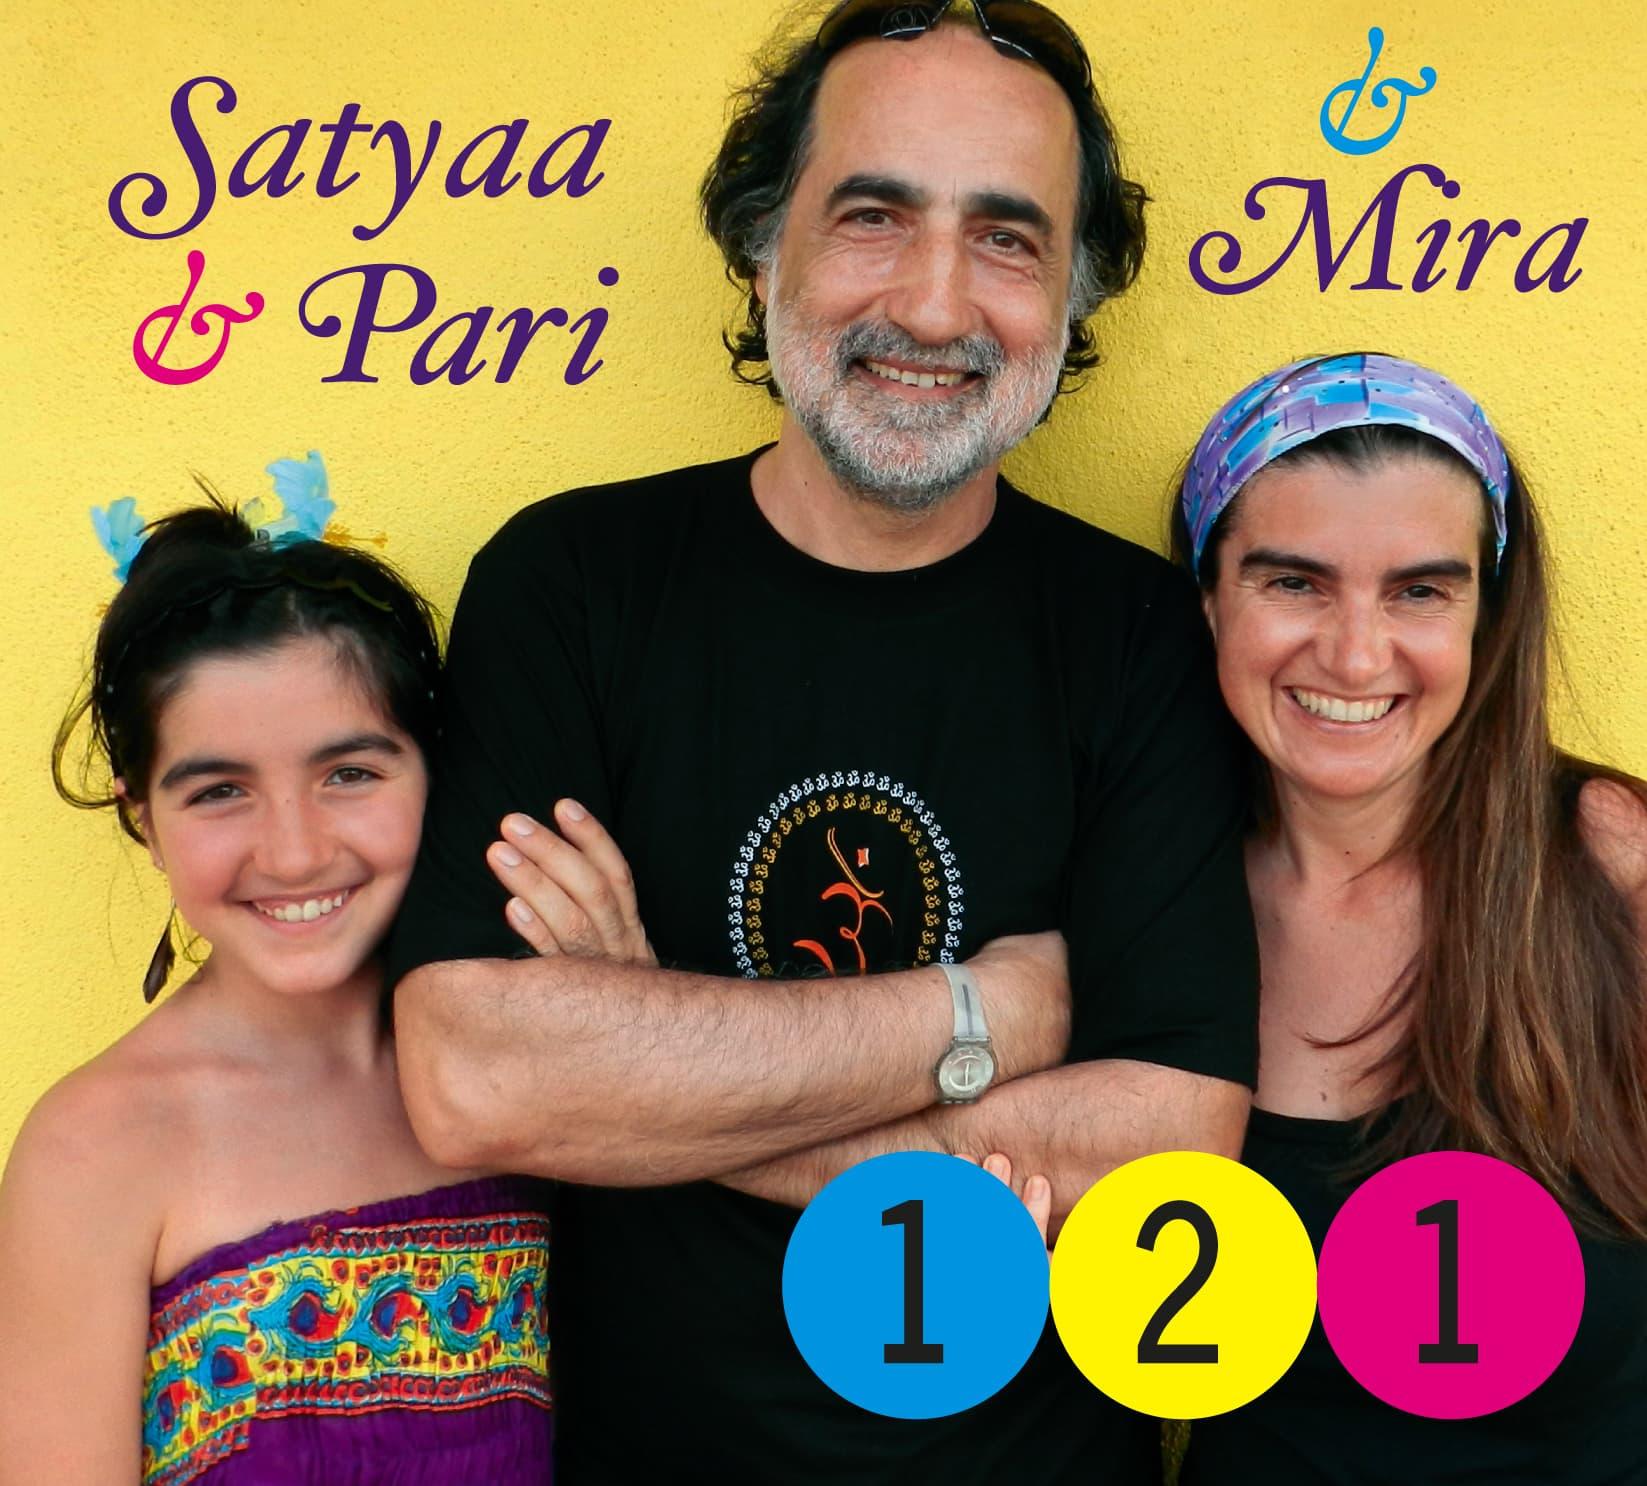 Satyaa & Pari 121